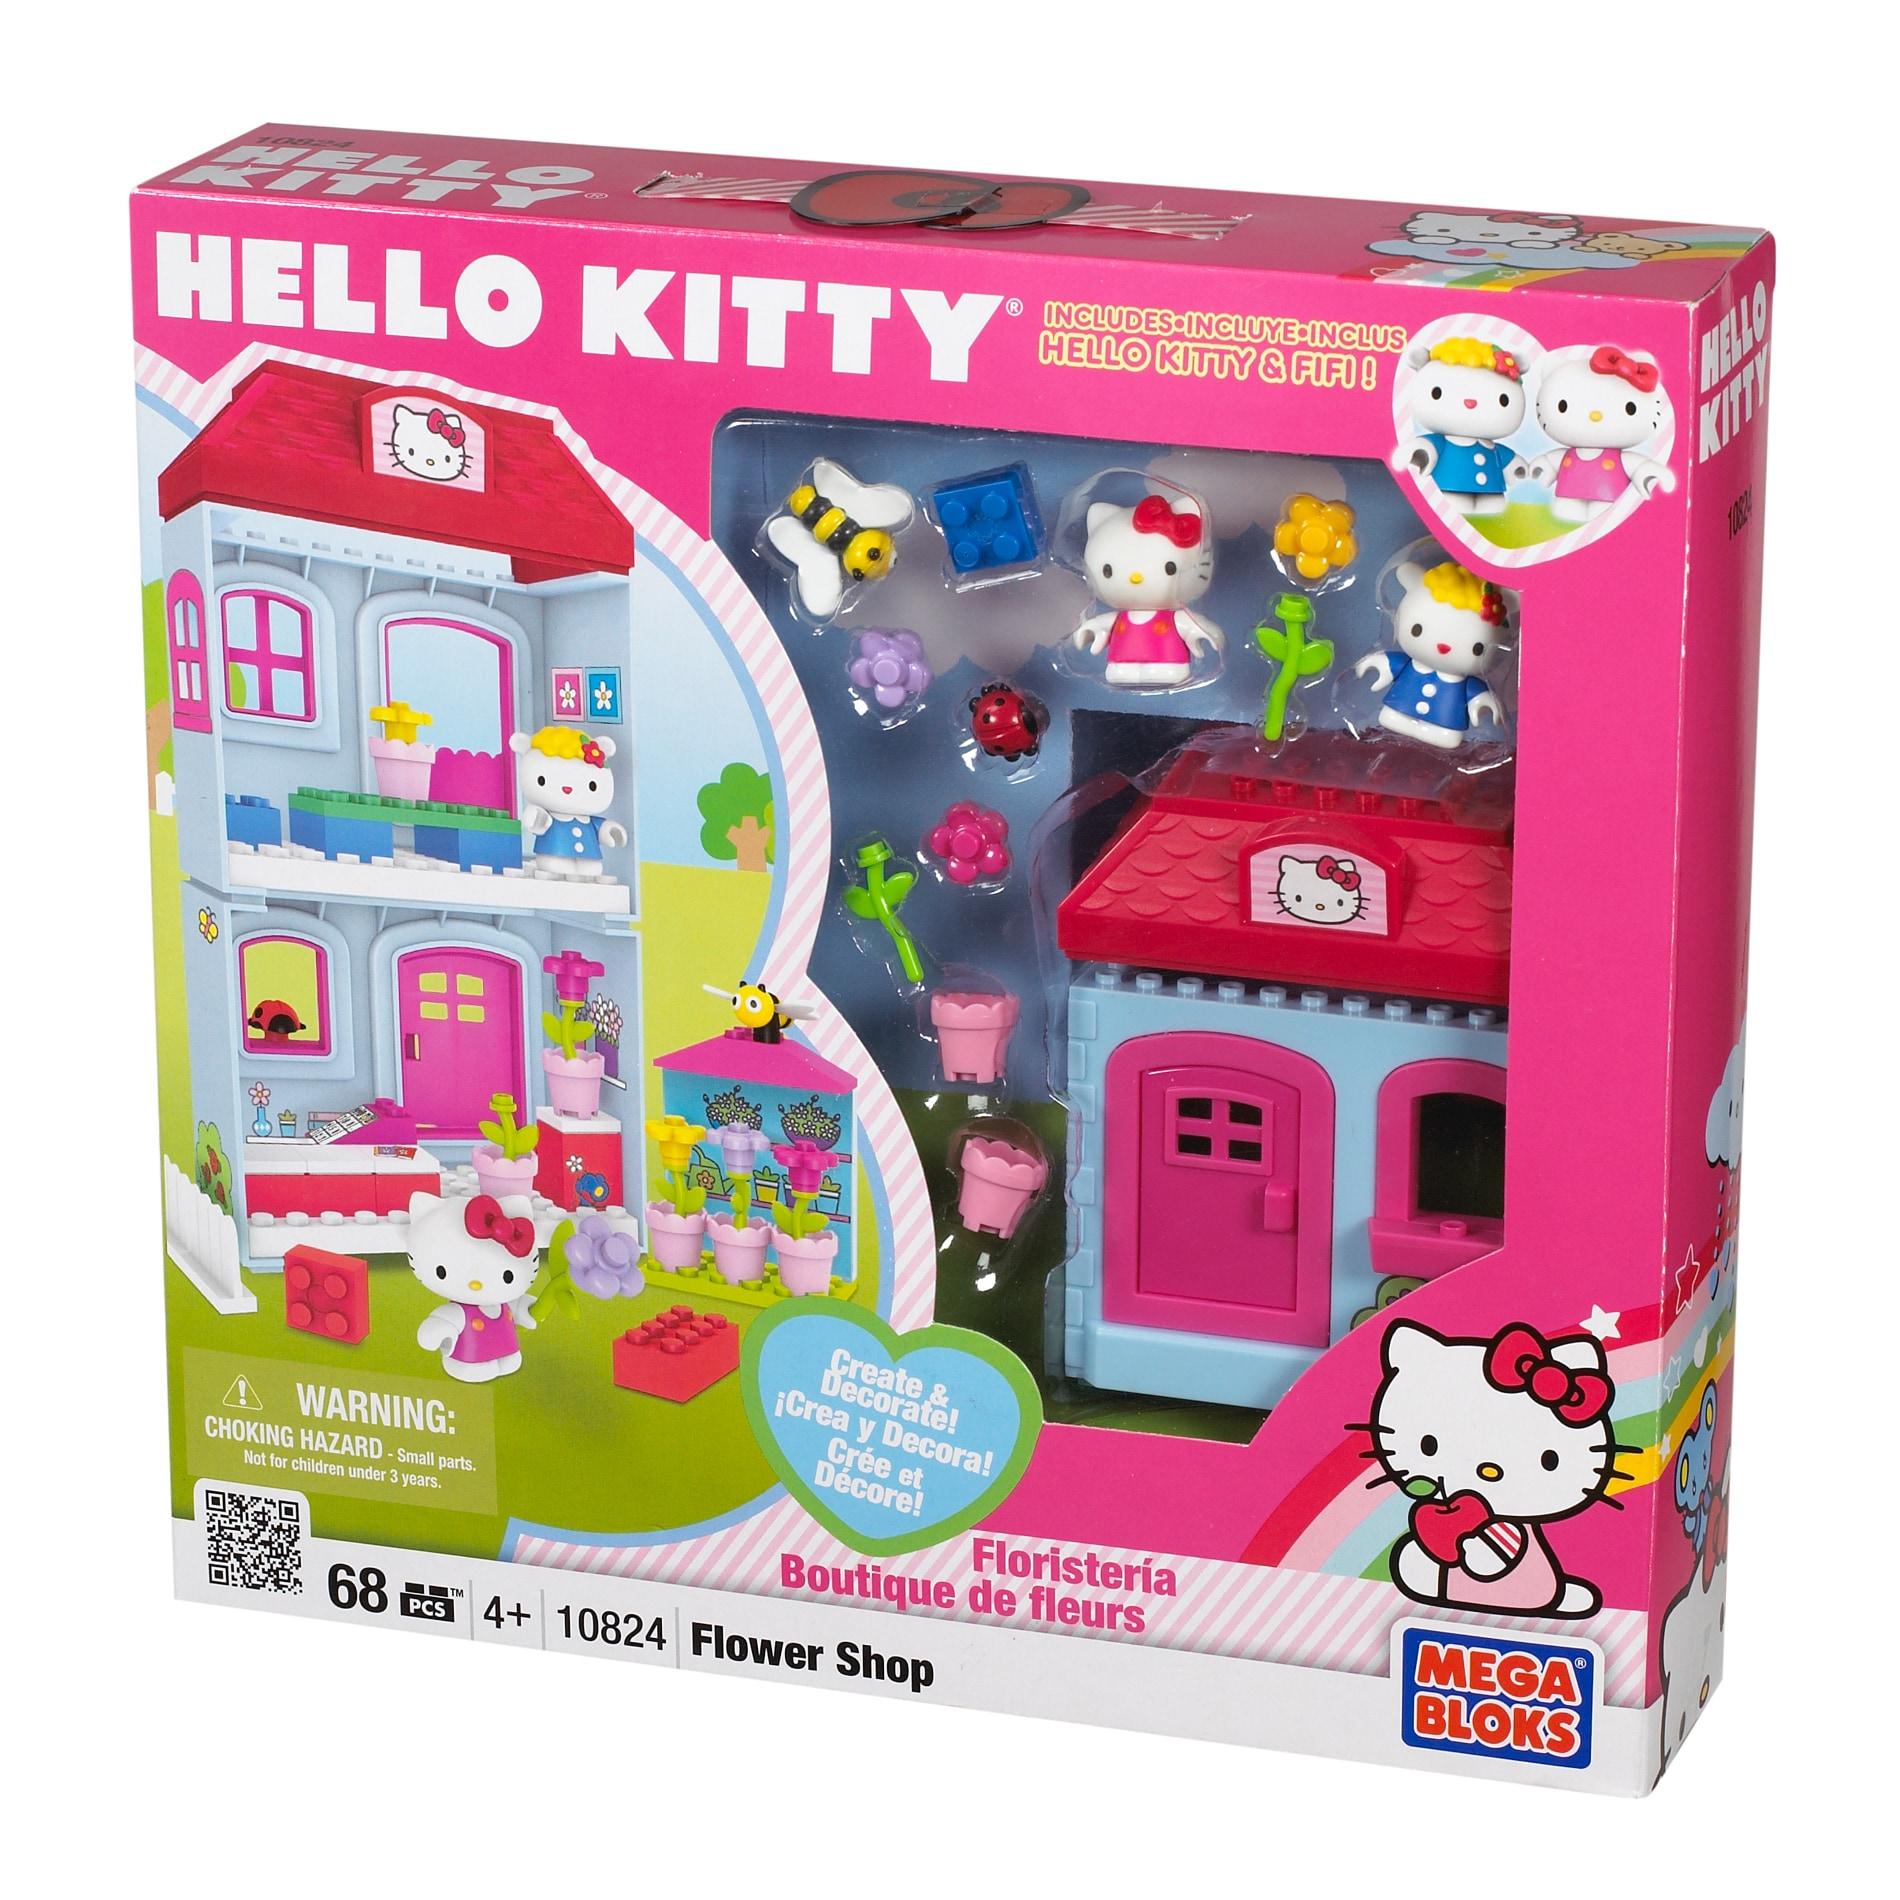 Mega Bloks Hello Kitty Flower Boutique Play Set